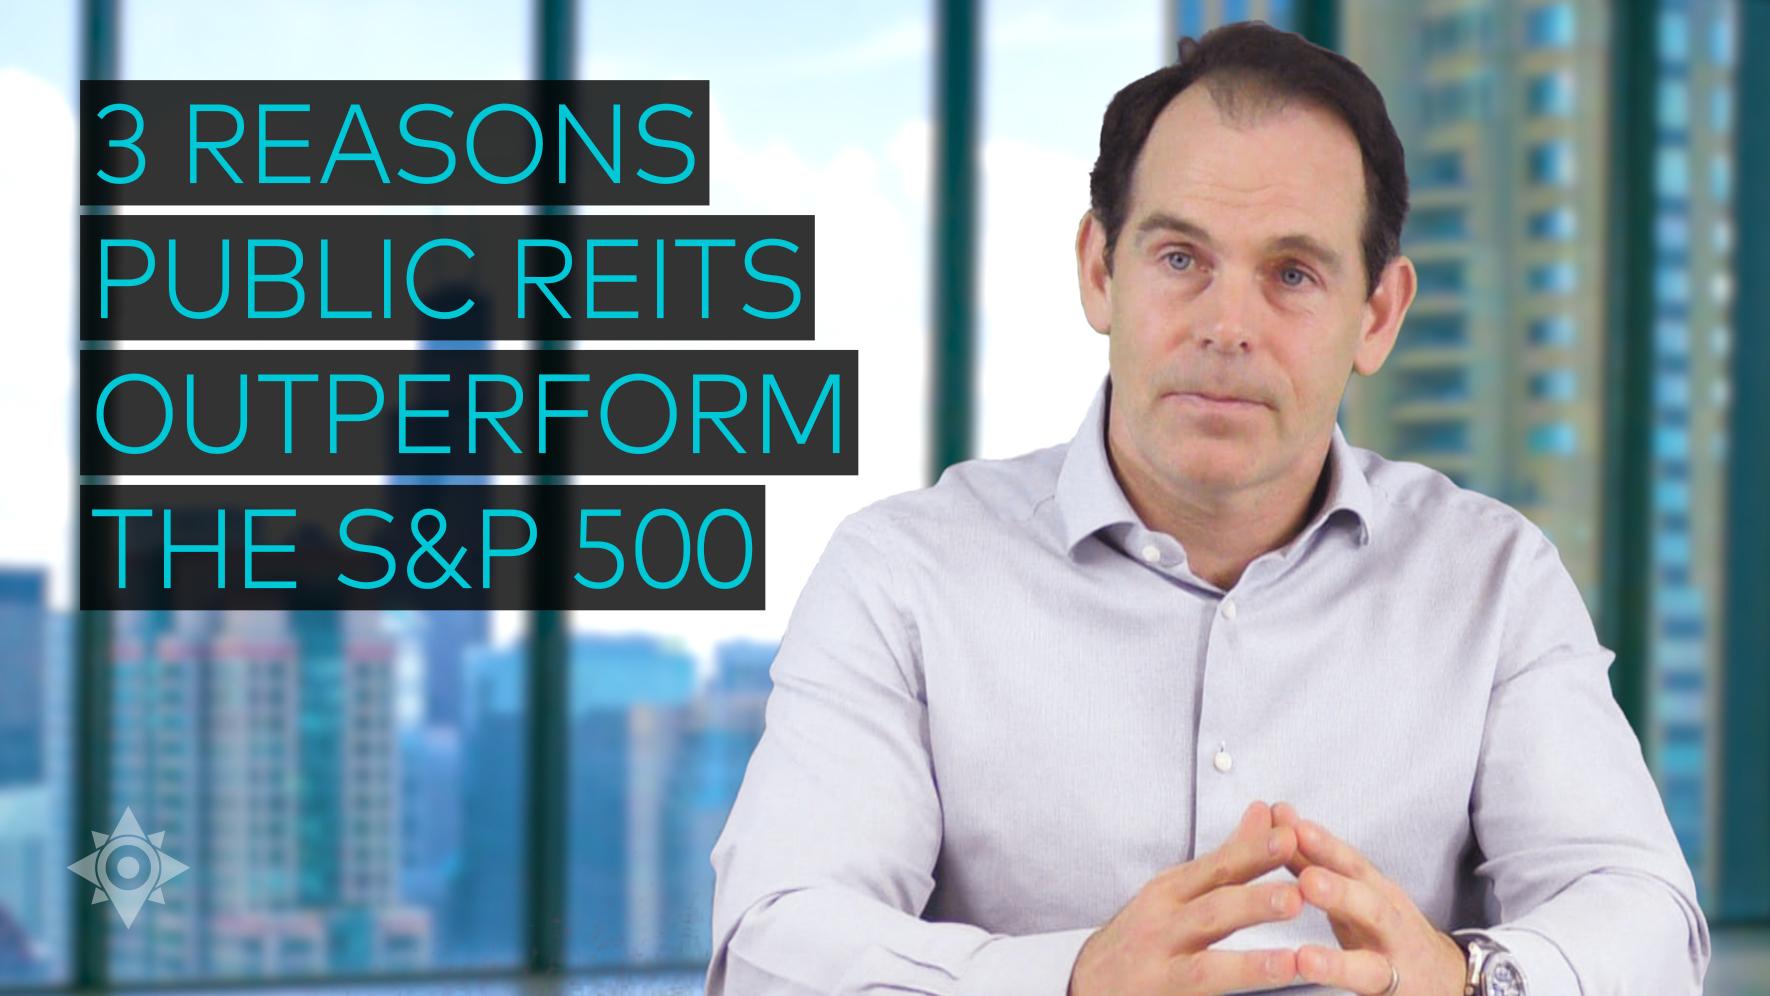 3 Reasons Public REITs Outperform the S&P 500